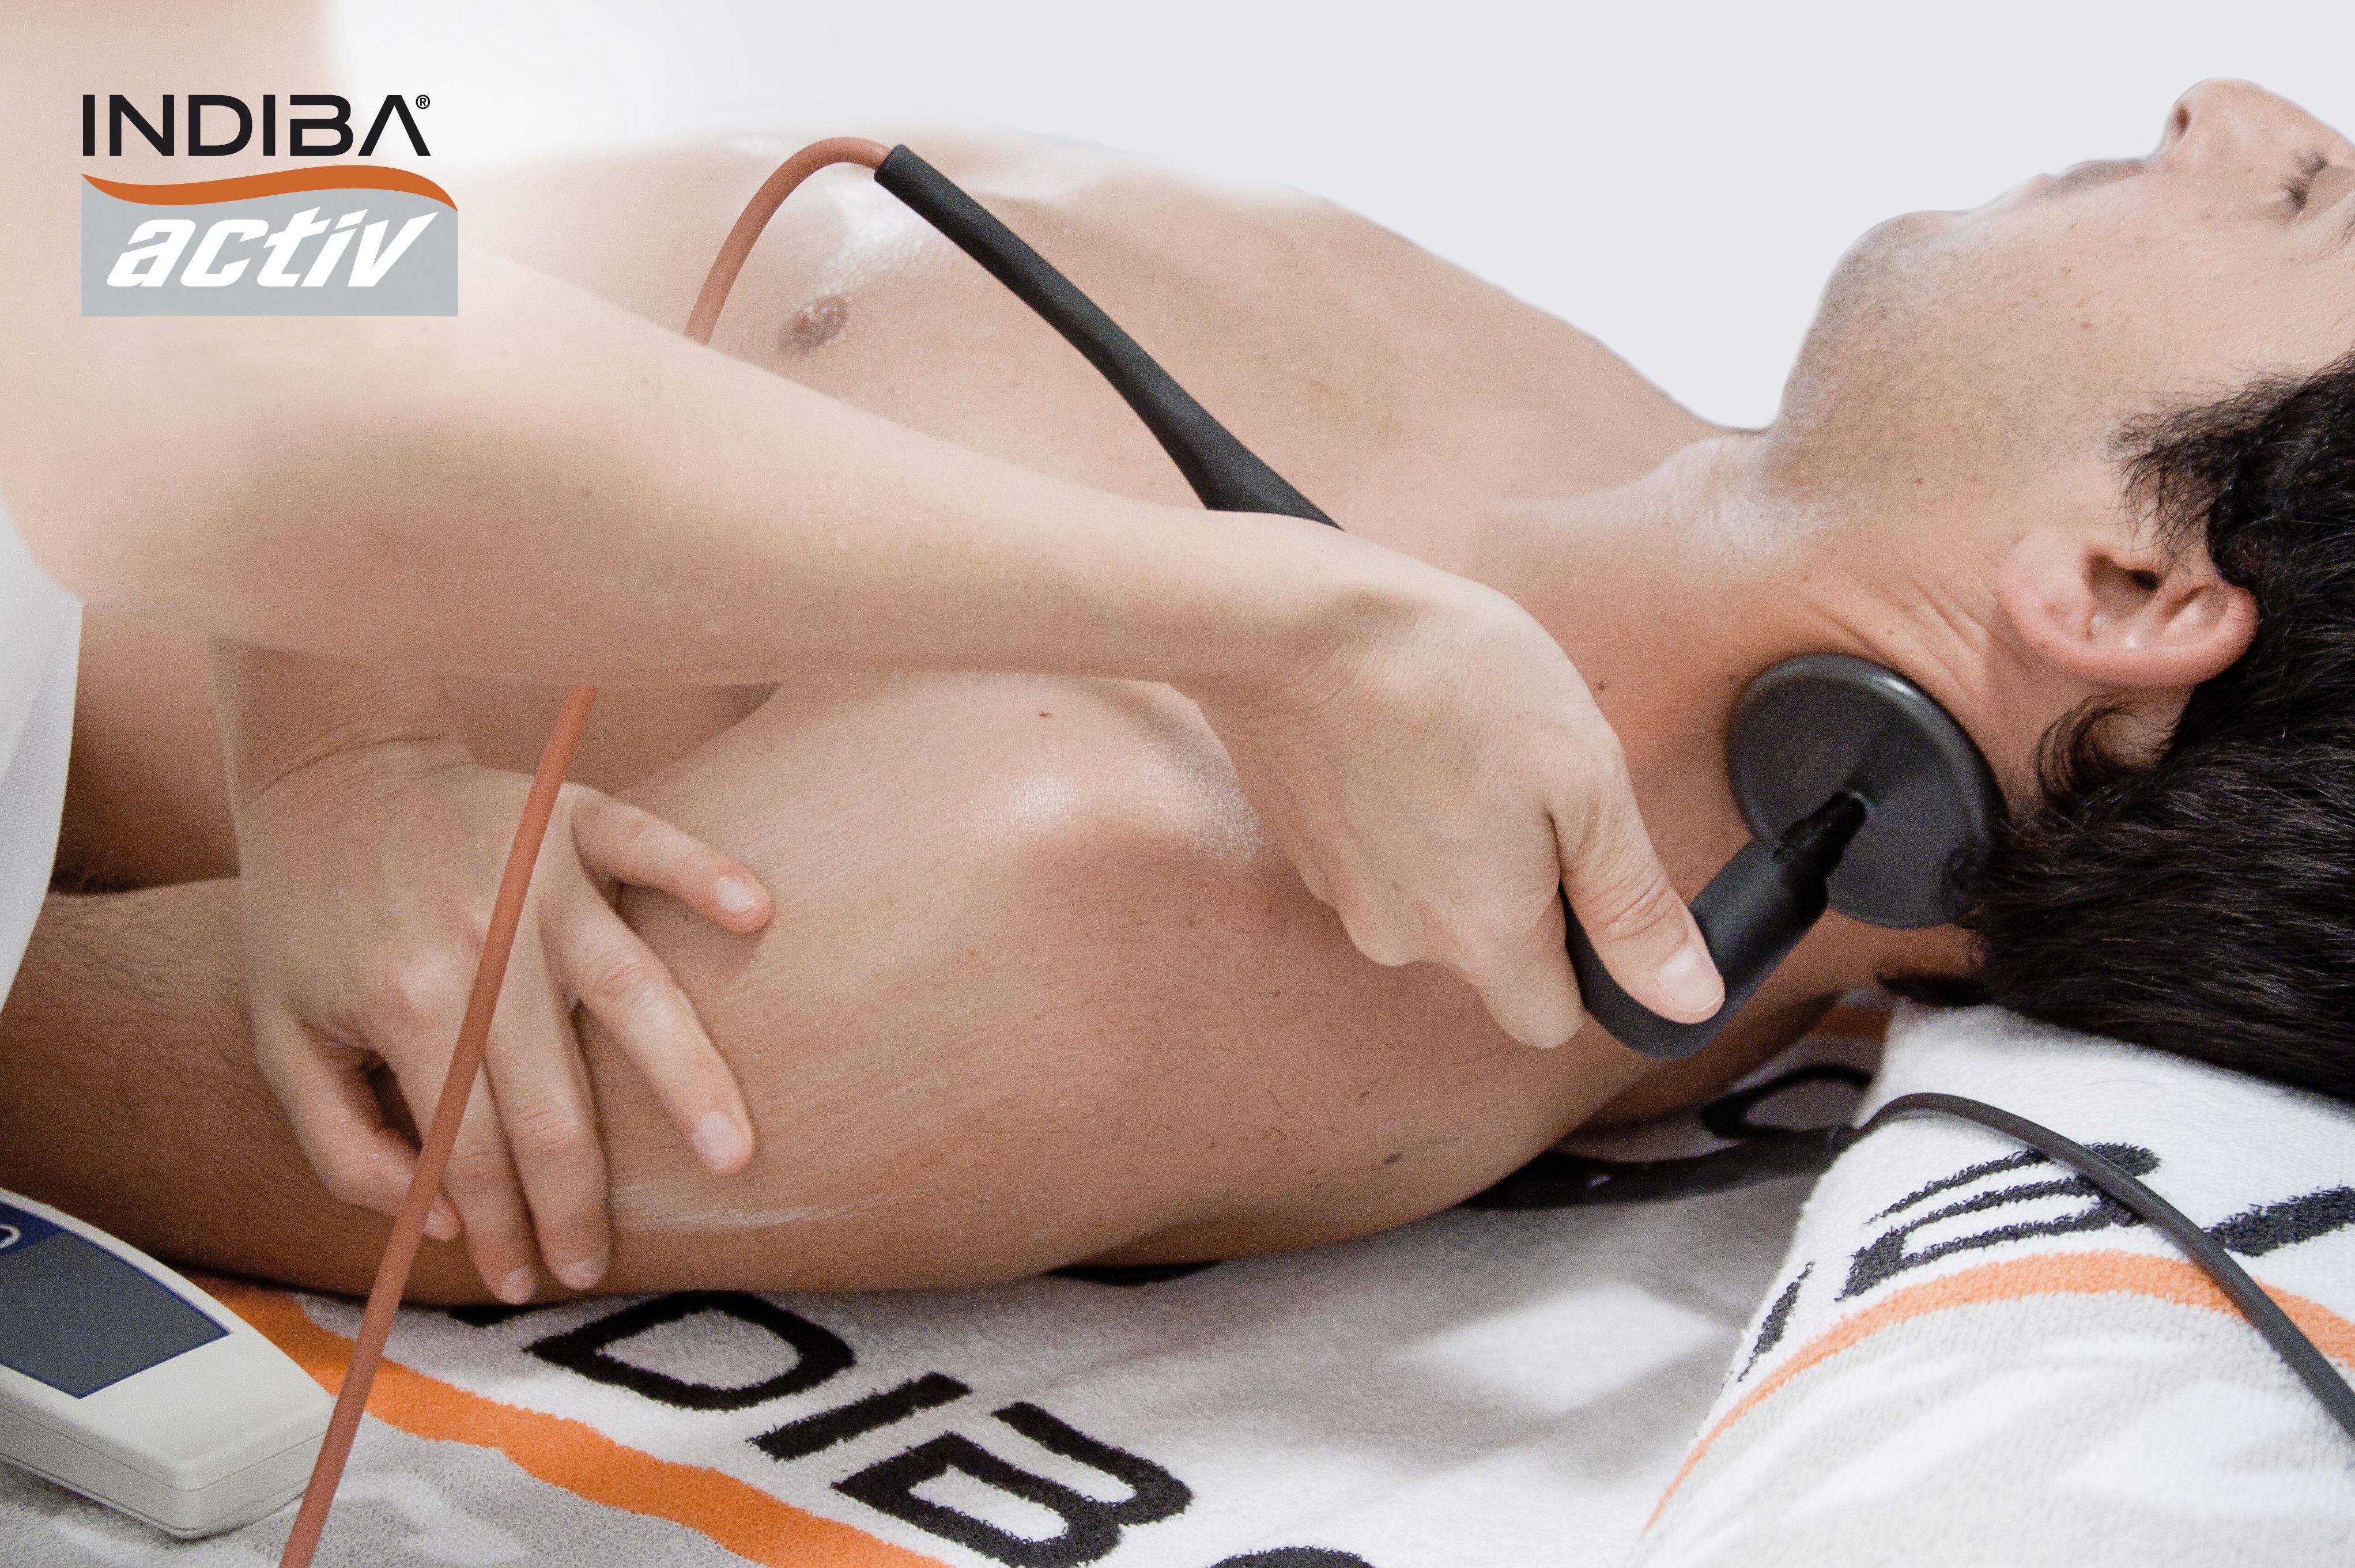 Indiba® activ: Tratamientos y Terapias de Ciudad Alta